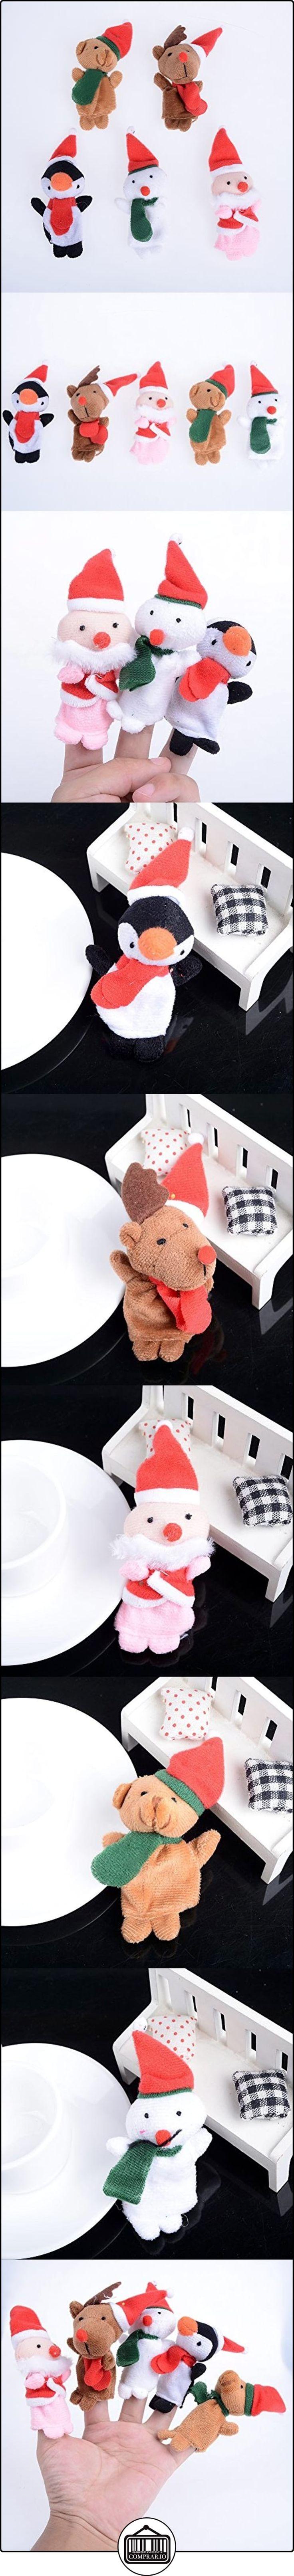 Yantu paquete de 5Navidad Papá Noel Muñeco de nieve suave Mini dedo marionetas juguetes para niños regalo entre padres e hijos juego juguete de peluche  ✿ Regalos para recién nacidos - Bebes ✿ ▬► Ver oferta: http://comprar.io/goto/B015J2SPZ0